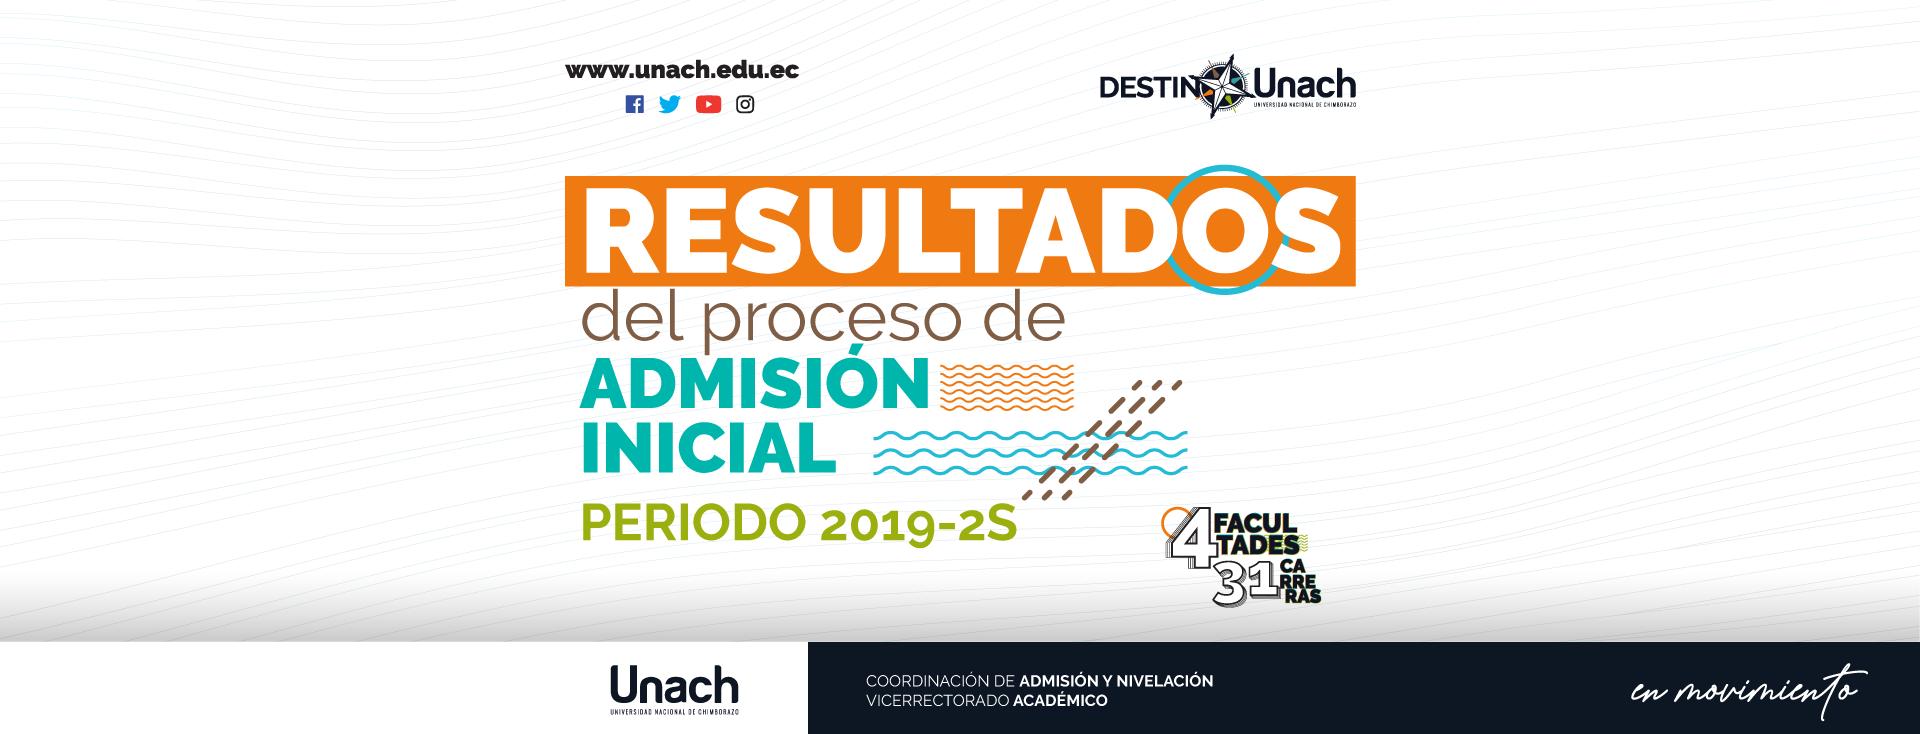 RESULTADOS FINALES DEL PROCESO DE ADMISIÓN INICIAL UNACH 2019-2S